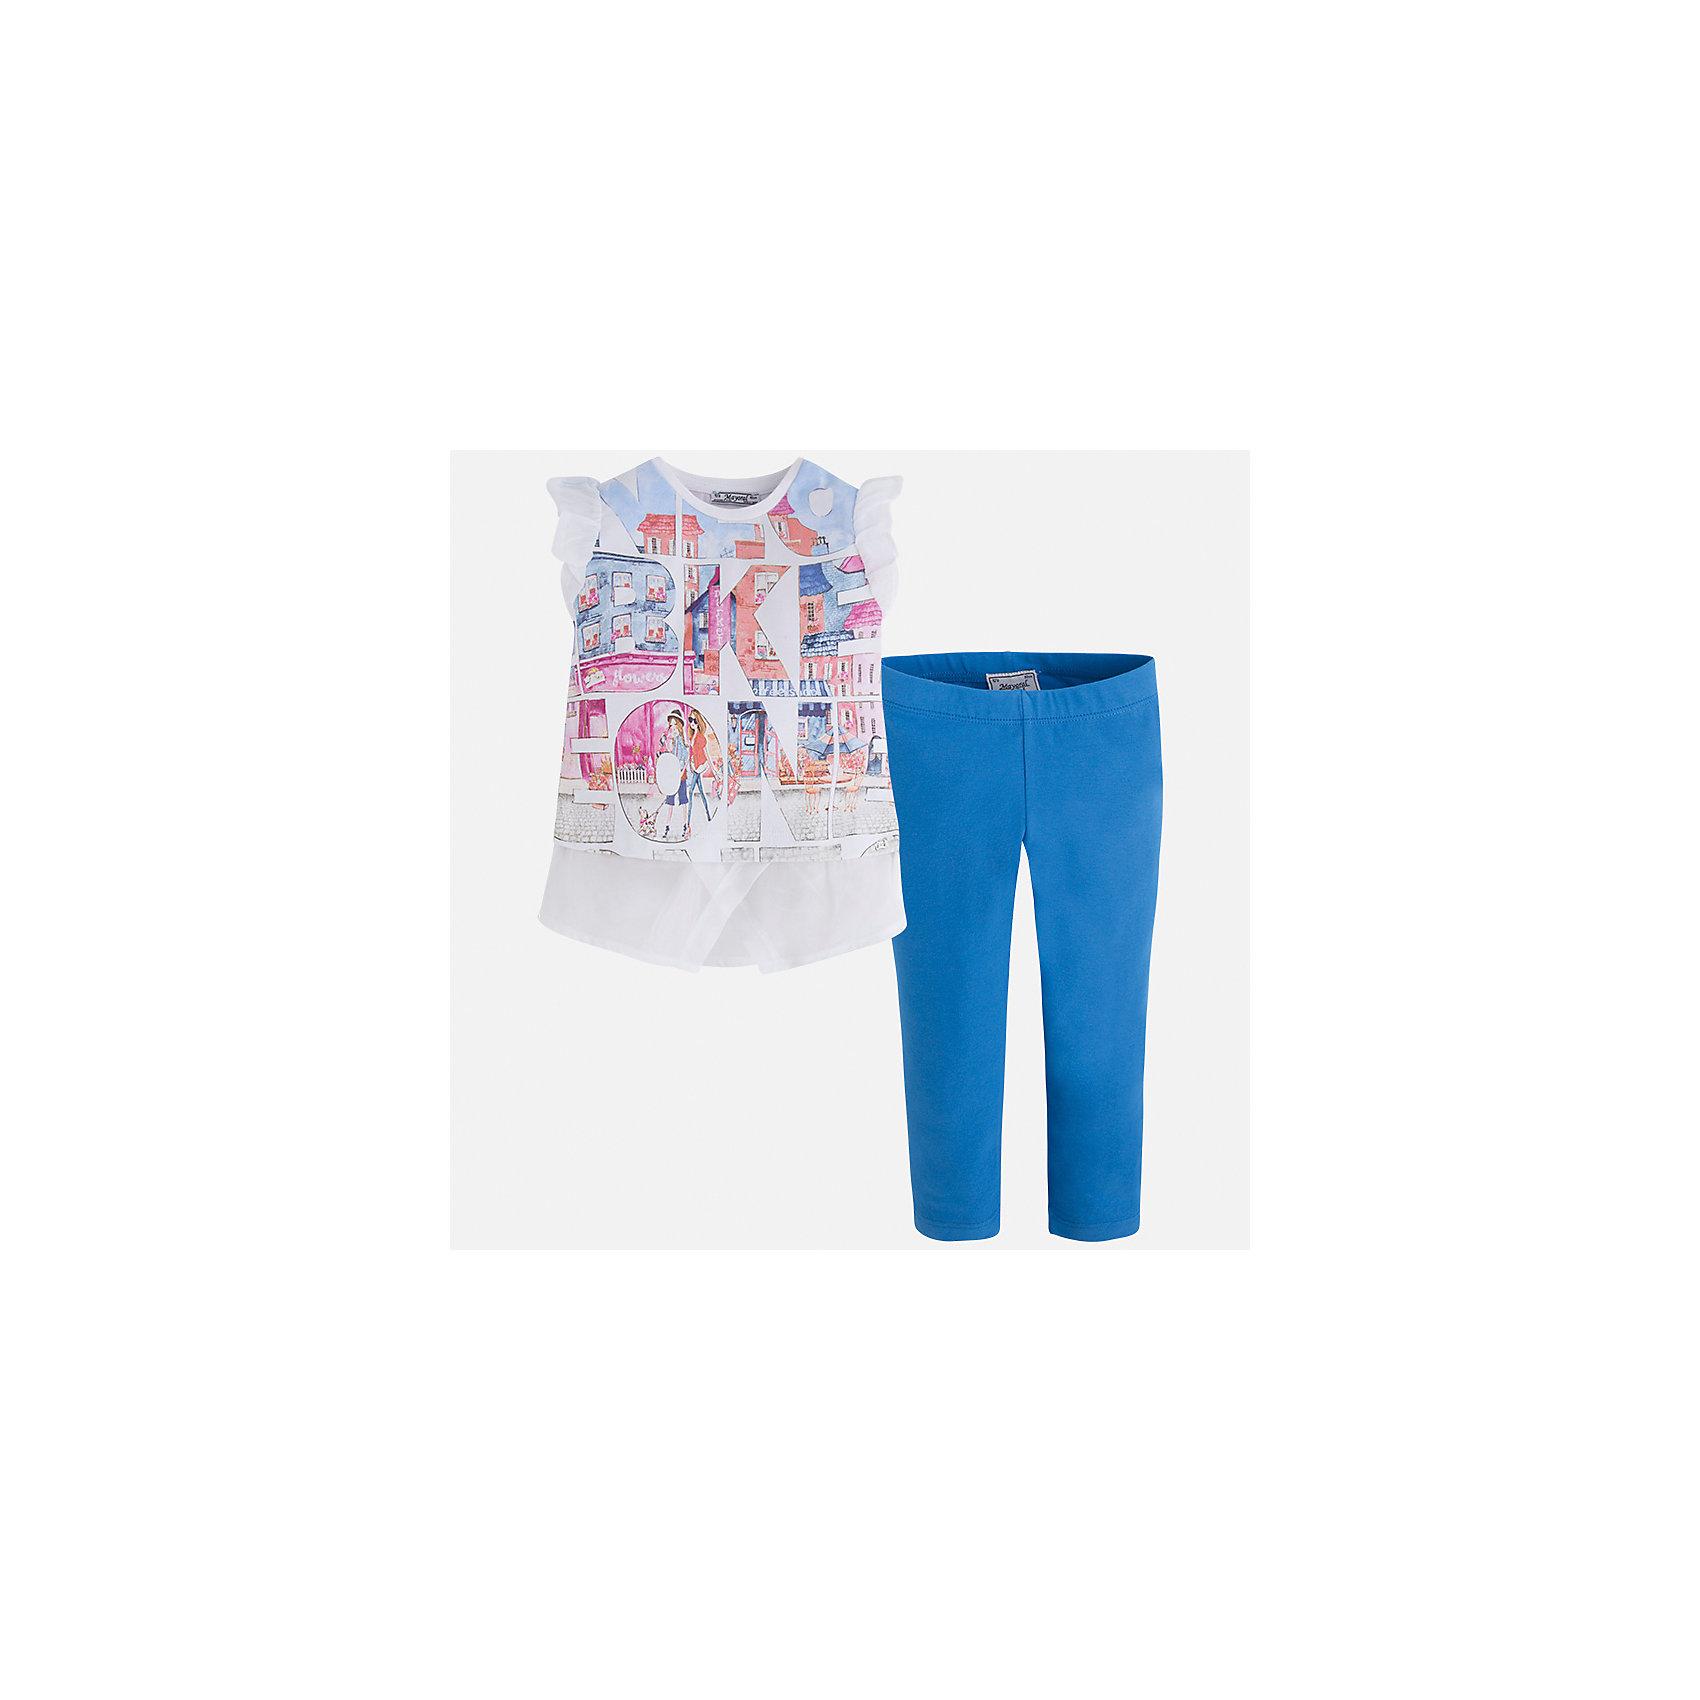 Комплект: футболка с длинным рукавом и леггинсы для девочки MayoralКомплекты<br>Характеристики товара:<br><br>• цвет: белый/голубой<br>• состав: 76% хлопок, 20% полиэстер, 4% эластан<br>• комплектация: футболка, леггинсы<br>• футболка декорирована принтом и оборками<br>• леггинсы однотонные<br>• пояс на резинке<br>• страна бренда: Испания<br><br>Красивый качественный комплект для девочки поможет разнообразить гардероб ребенка и удобно одеться в теплую погоду. Он отлично сочетается с другими предметами. Универсальный цвет позволяет подобрать к вещам верхнюю одежду практически любой расцветки. Интересная отделка модели делает её нарядной и оригинальной. В составе материала - натуральный хлопок, гипоаллергенный, приятный на ощупь, дышащий.<br><br>Одежда, обувь и аксессуары от испанского бренда Mayoral полюбились детям и взрослым по всему миру. Модели этой марки - стильные и удобные. Для их производства используются только безопасные, качественные материалы и фурнитура. Порадуйте ребенка модными и красивыми вещами от Mayoral! <br><br>Комплект для девочки от испанского бренда Mayoral (Майорал) можно купить в нашем интернет-магазине.<br><br>Ширина мм: 123<br>Глубина мм: 10<br>Высота мм: 149<br>Вес г: 209<br>Цвет: синий<br>Возраст от месяцев: 96<br>Возраст до месяцев: 108<br>Пол: Женский<br>Возраст: Детский<br>Размер: 134,92,98,104,110,116,122,128<br>SKU: 5300488